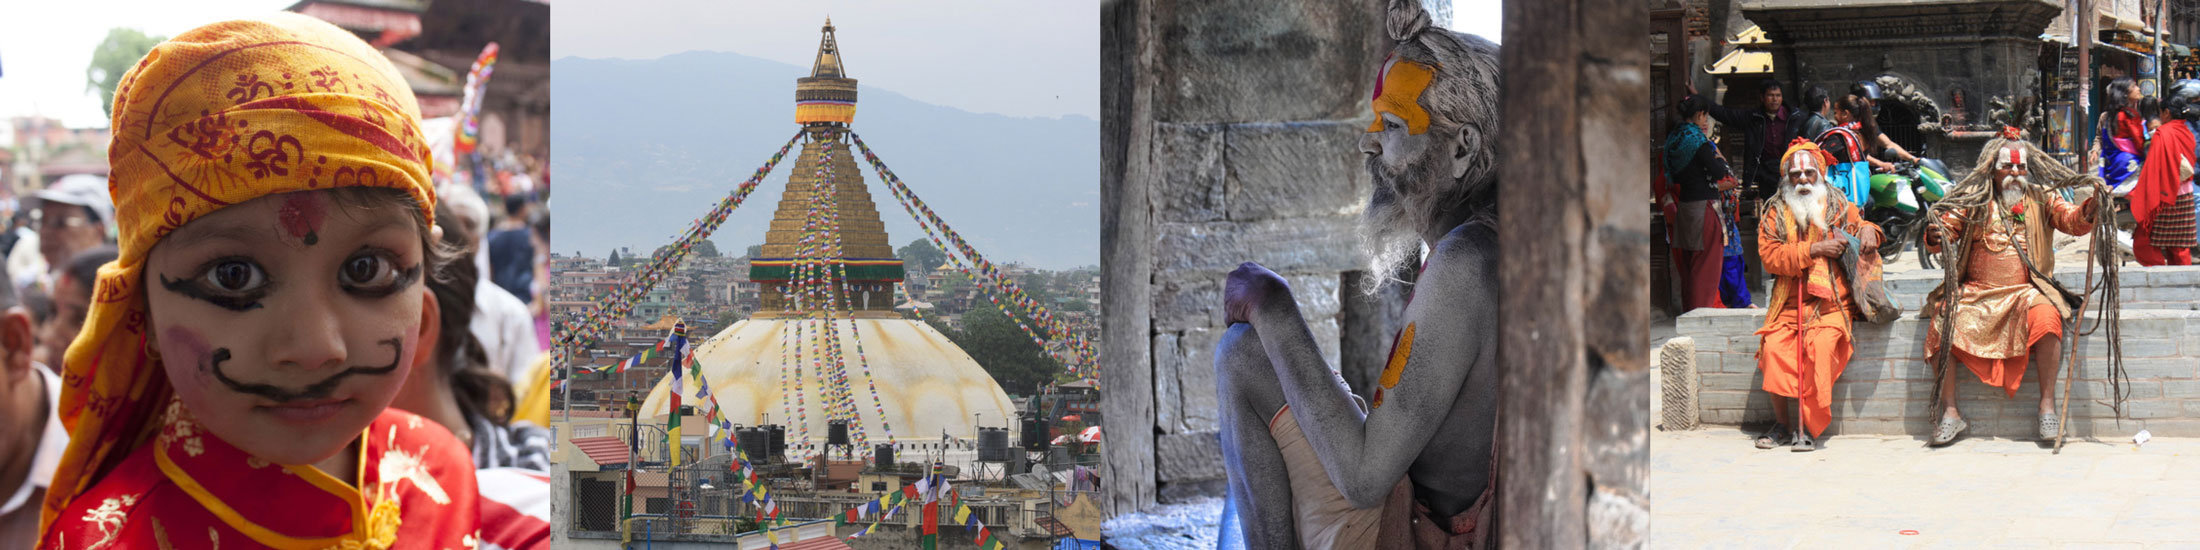 Nepal-Cover.jpg